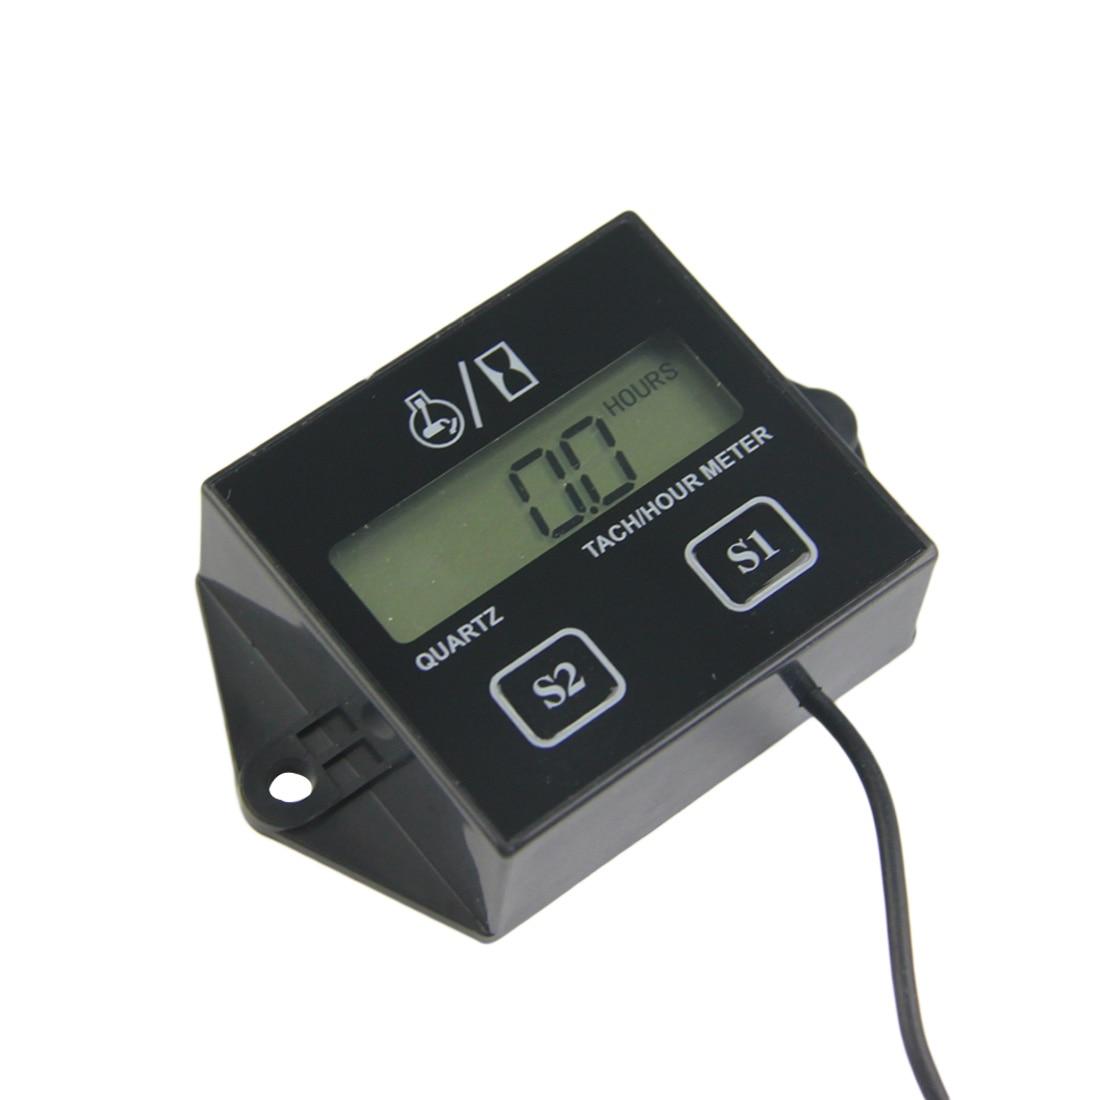 Tech Hour Meter Digital Engine Tachometer Gauge Inductive For Motorcycle Motor Stroke Engine Spark